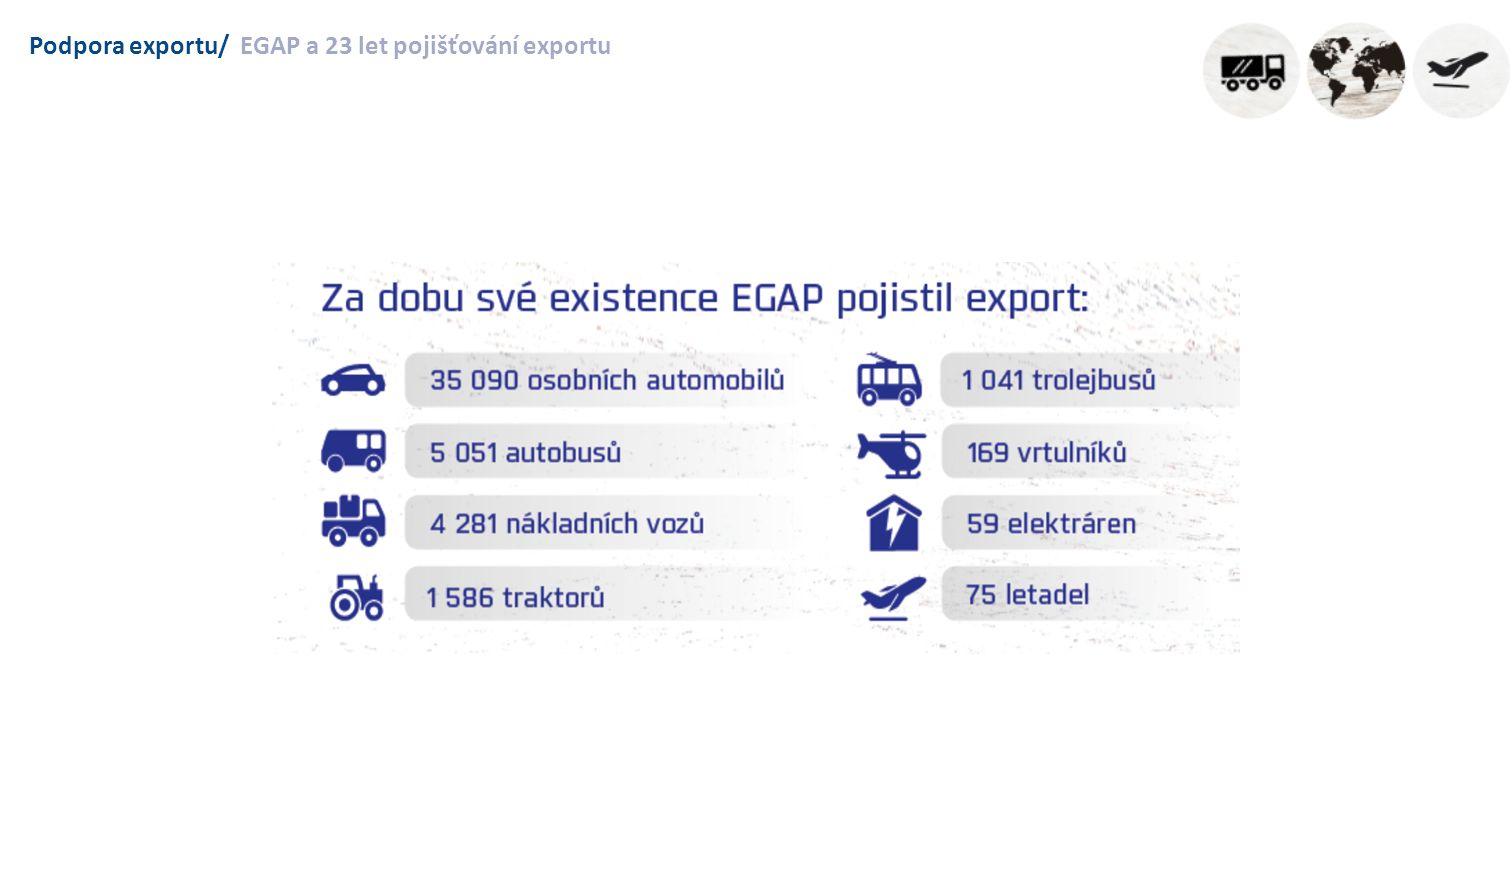 Podpora exportu/Celková angažovanost EGAP: 233 mld. Kč